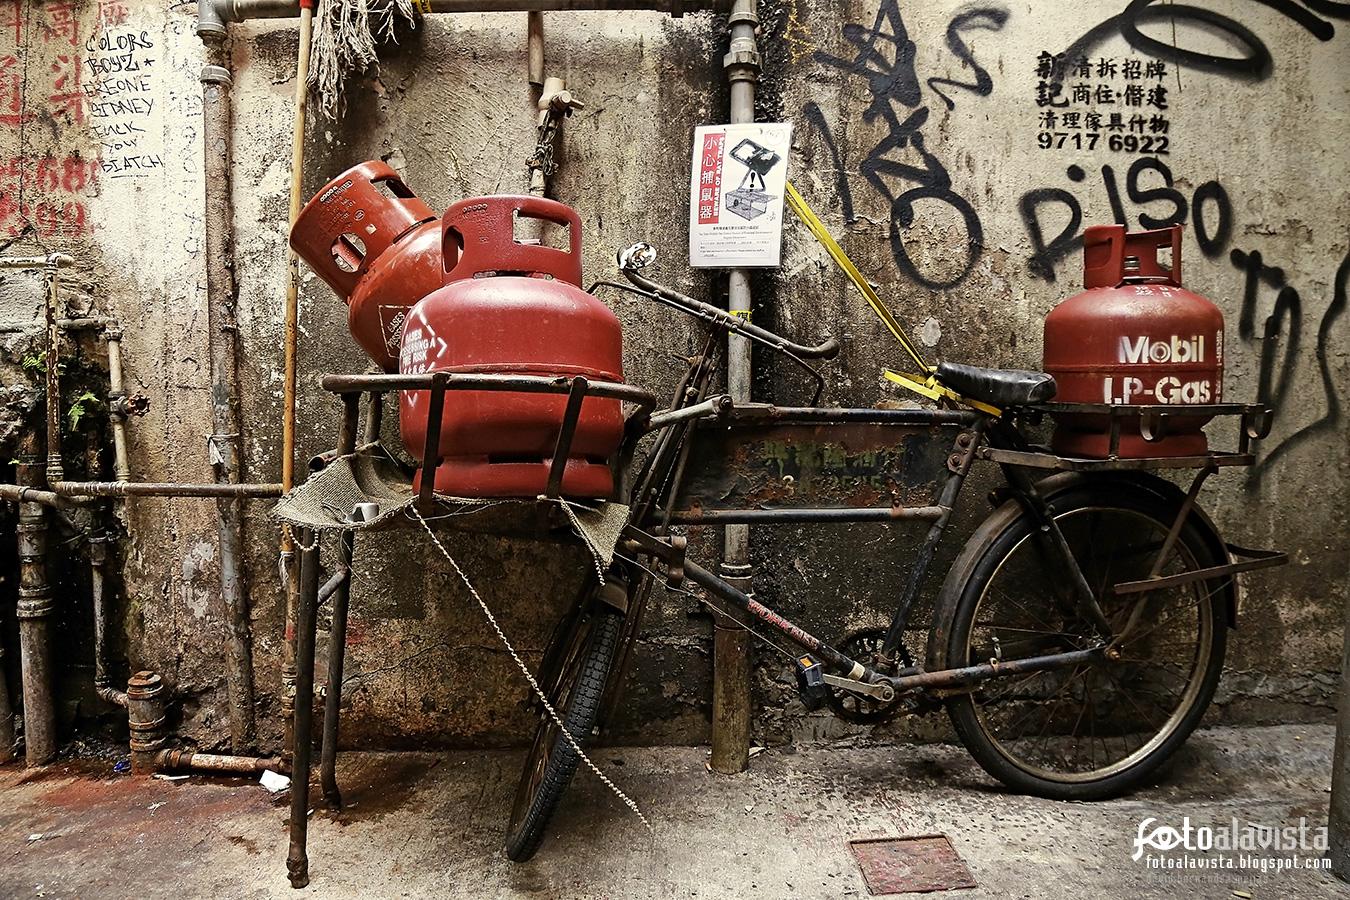 Bicicleta a gas con instrucciones - Fotografía artística